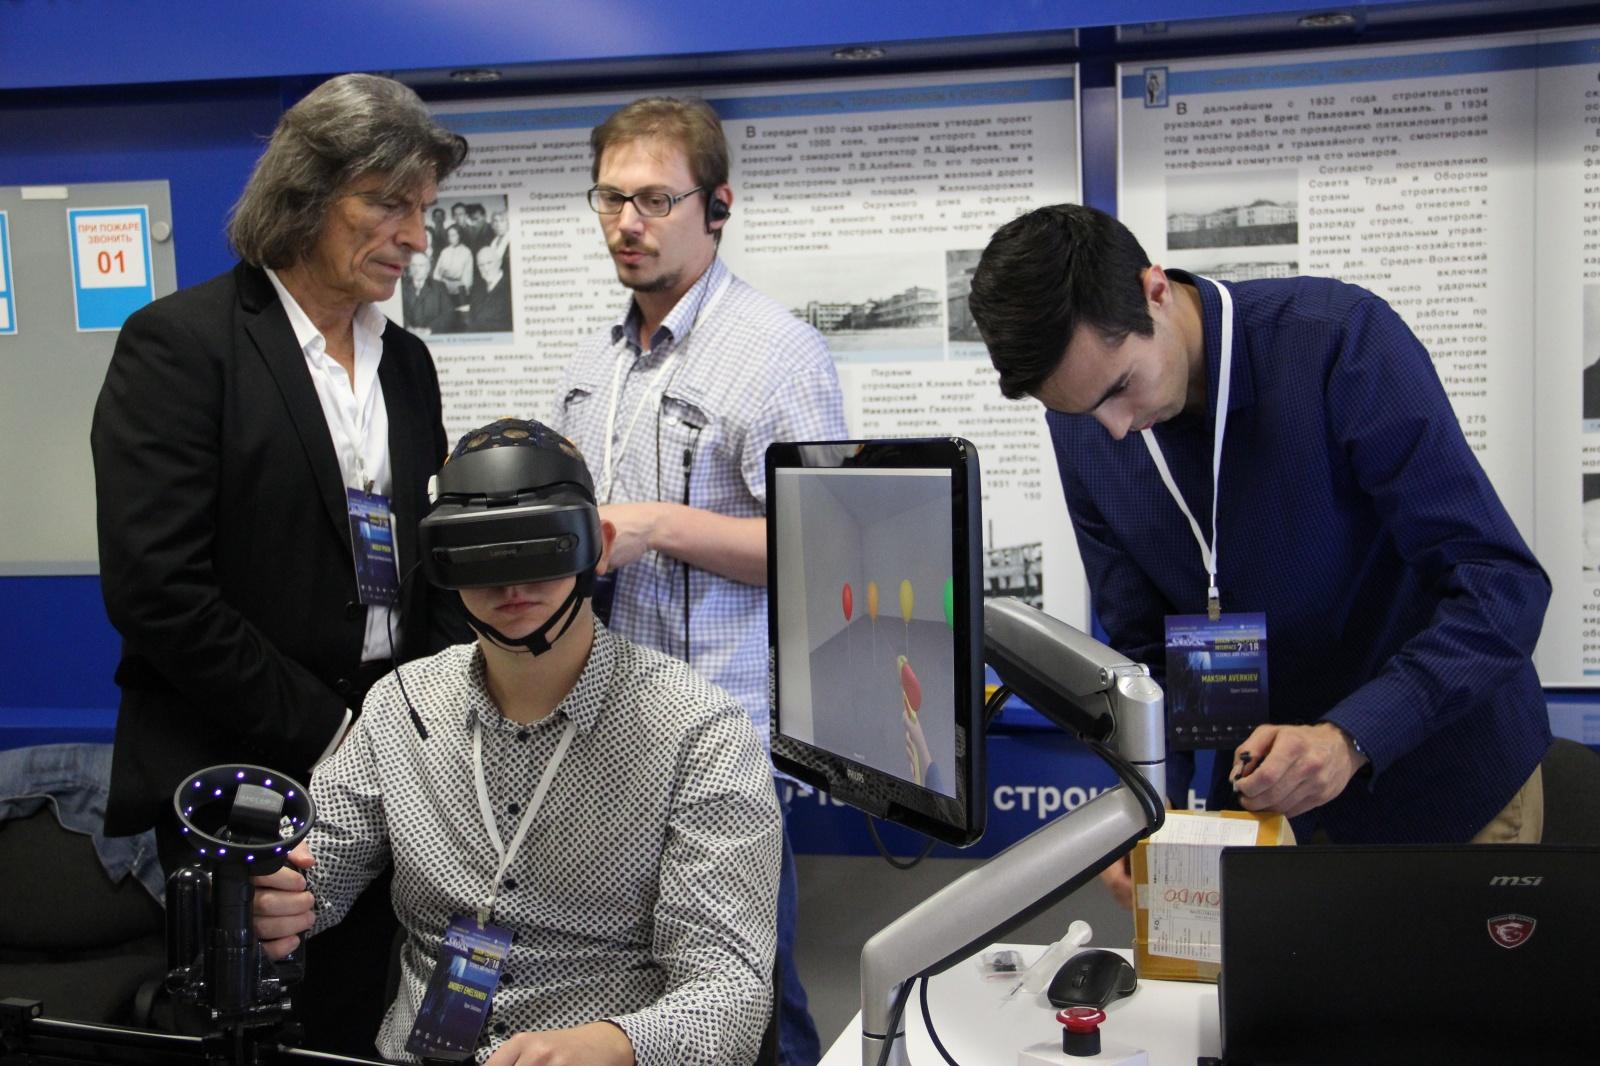 Заканчивается регистрация на международную конференцию нейротехнологий в Самаре - 1